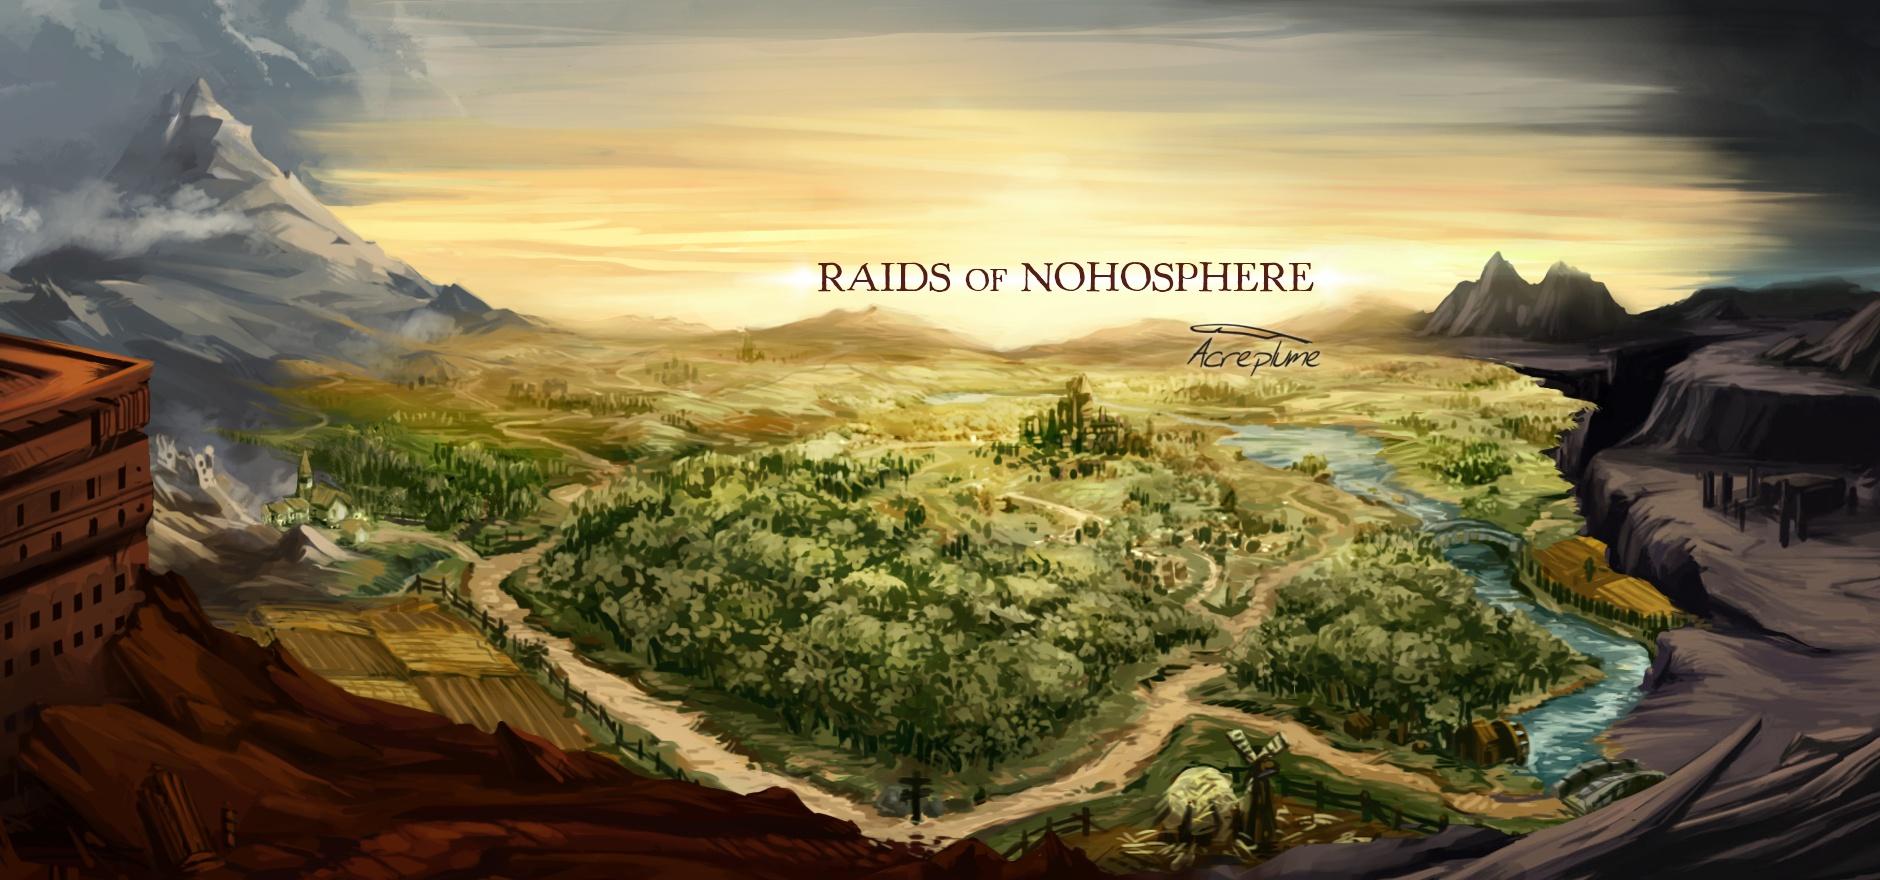 Raids of Nohosphere